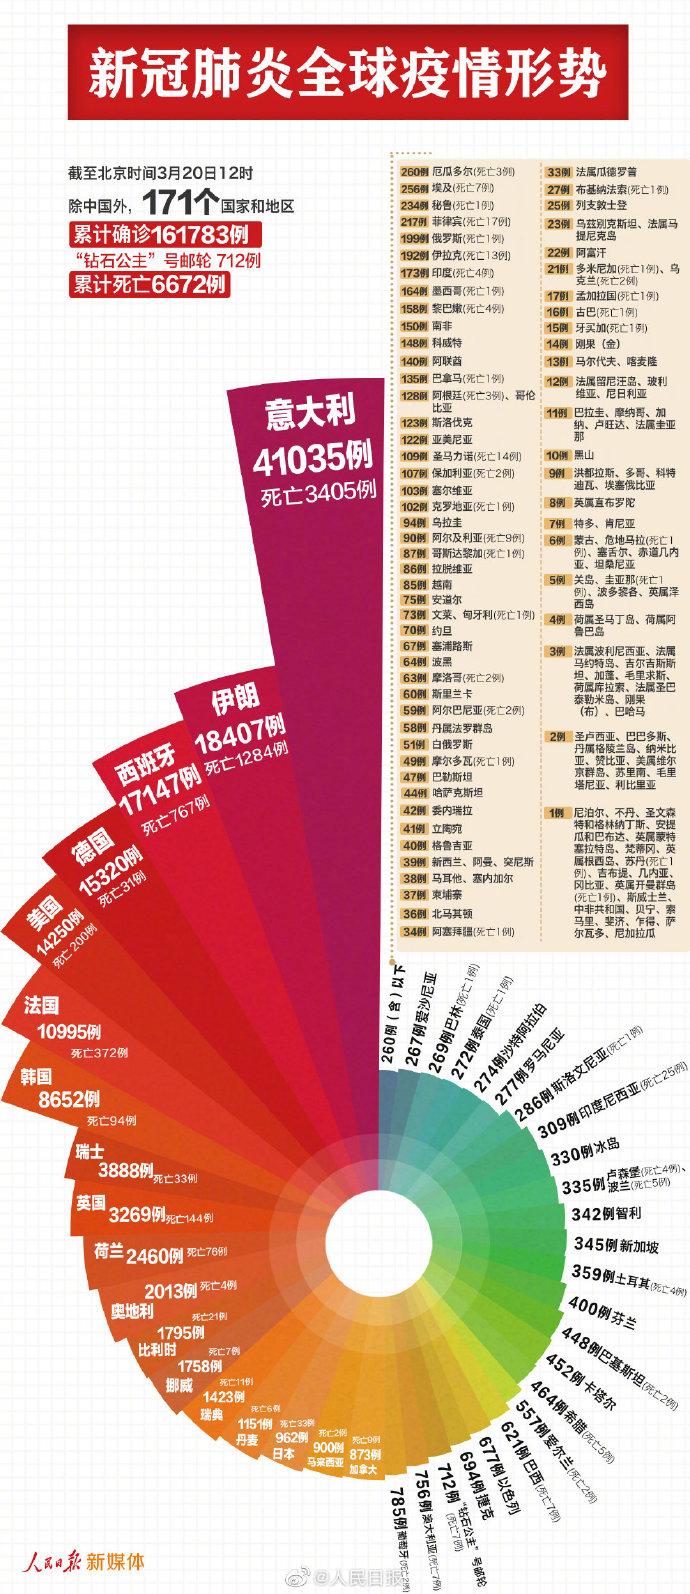 中国以外171个国家新冠肺炎确诊162495例,6国破万